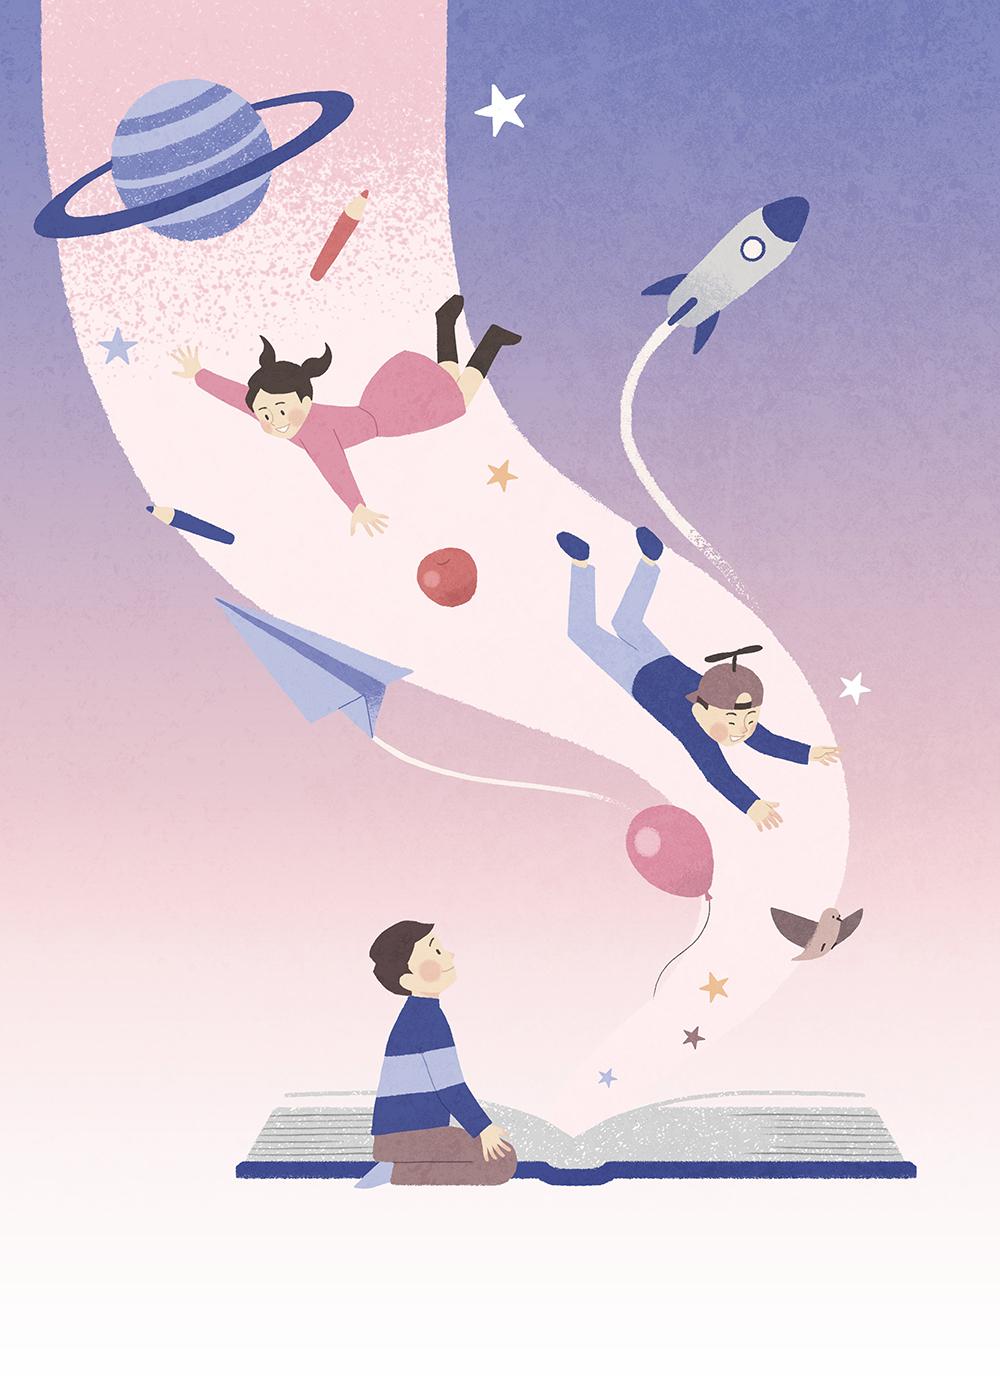 儿童梦想宇宙手绘背景插画PSD素材 插画-第8张